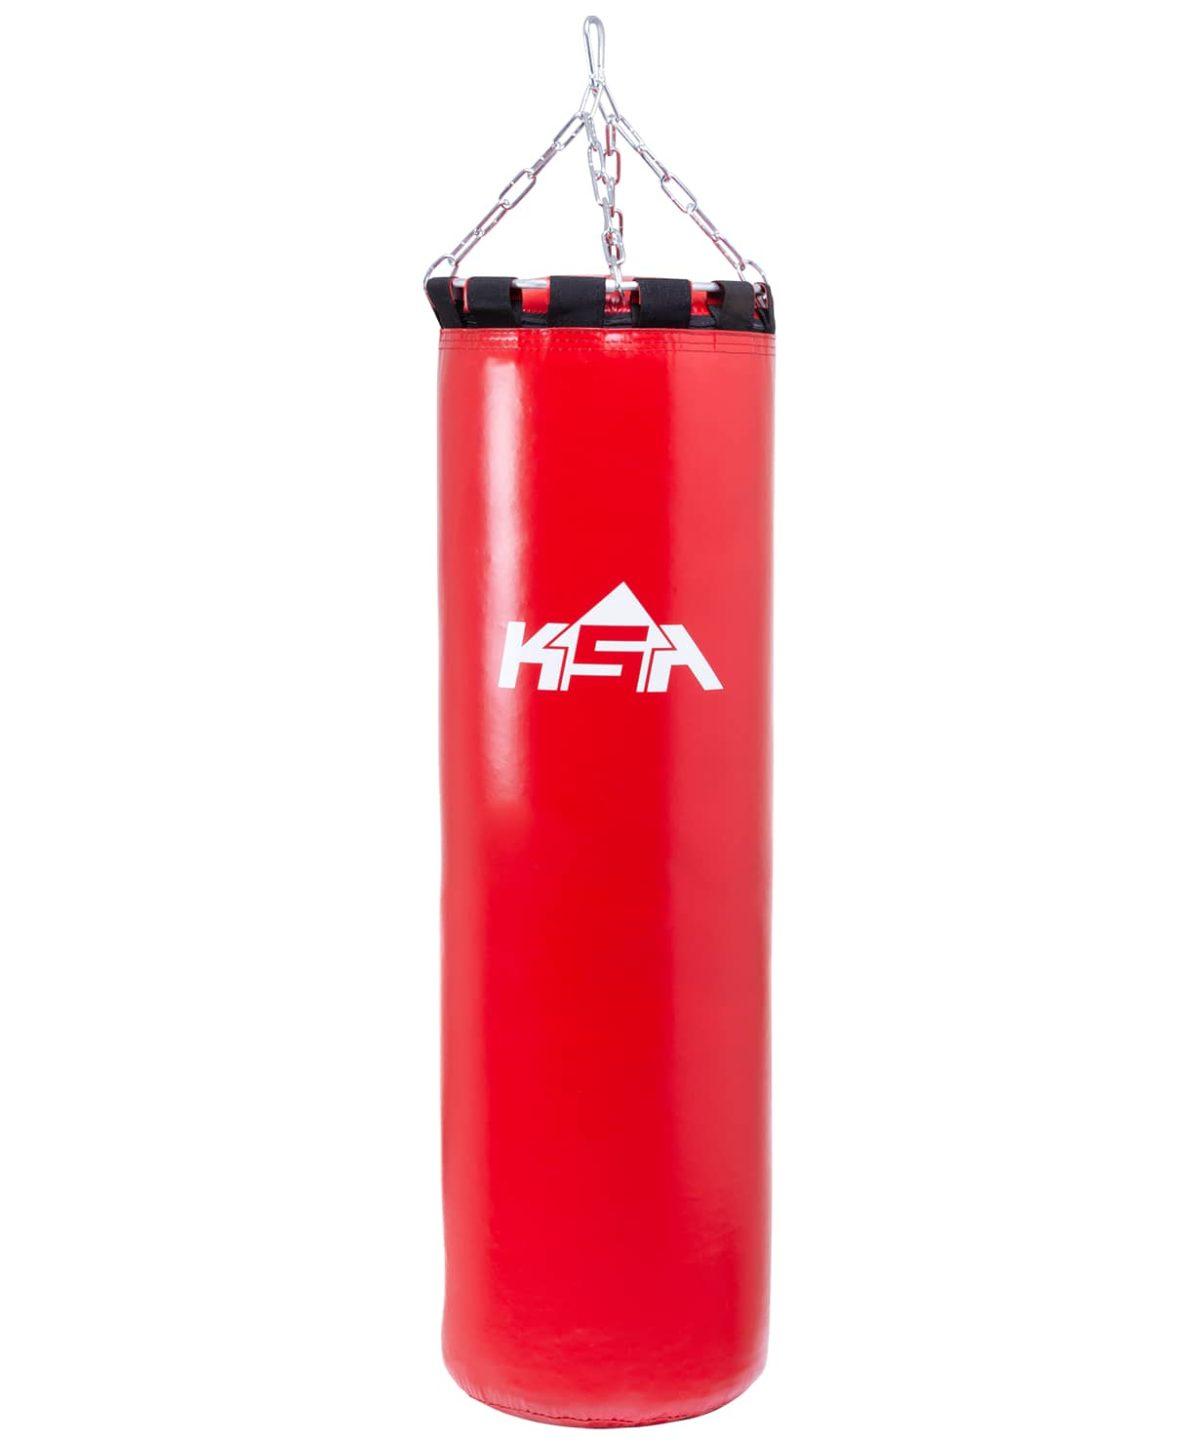 KSA Мешок боксерский, 100 см, 35 кг, тент PB-01 - 1